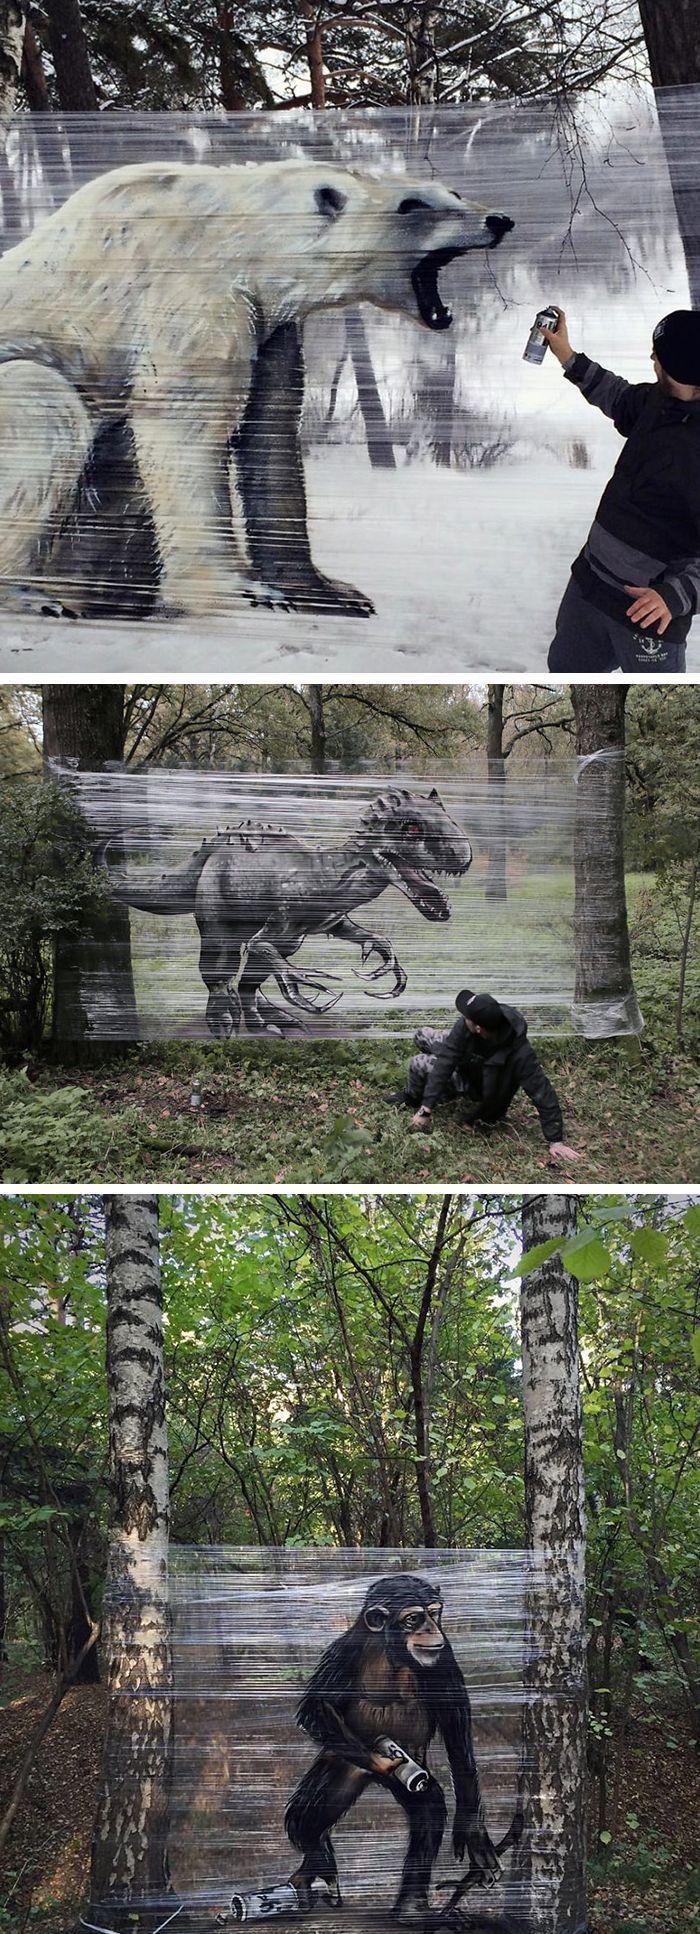 Graffiti-Künstler sprüht riesige Tiere auf Plastikfolie in einem Wald